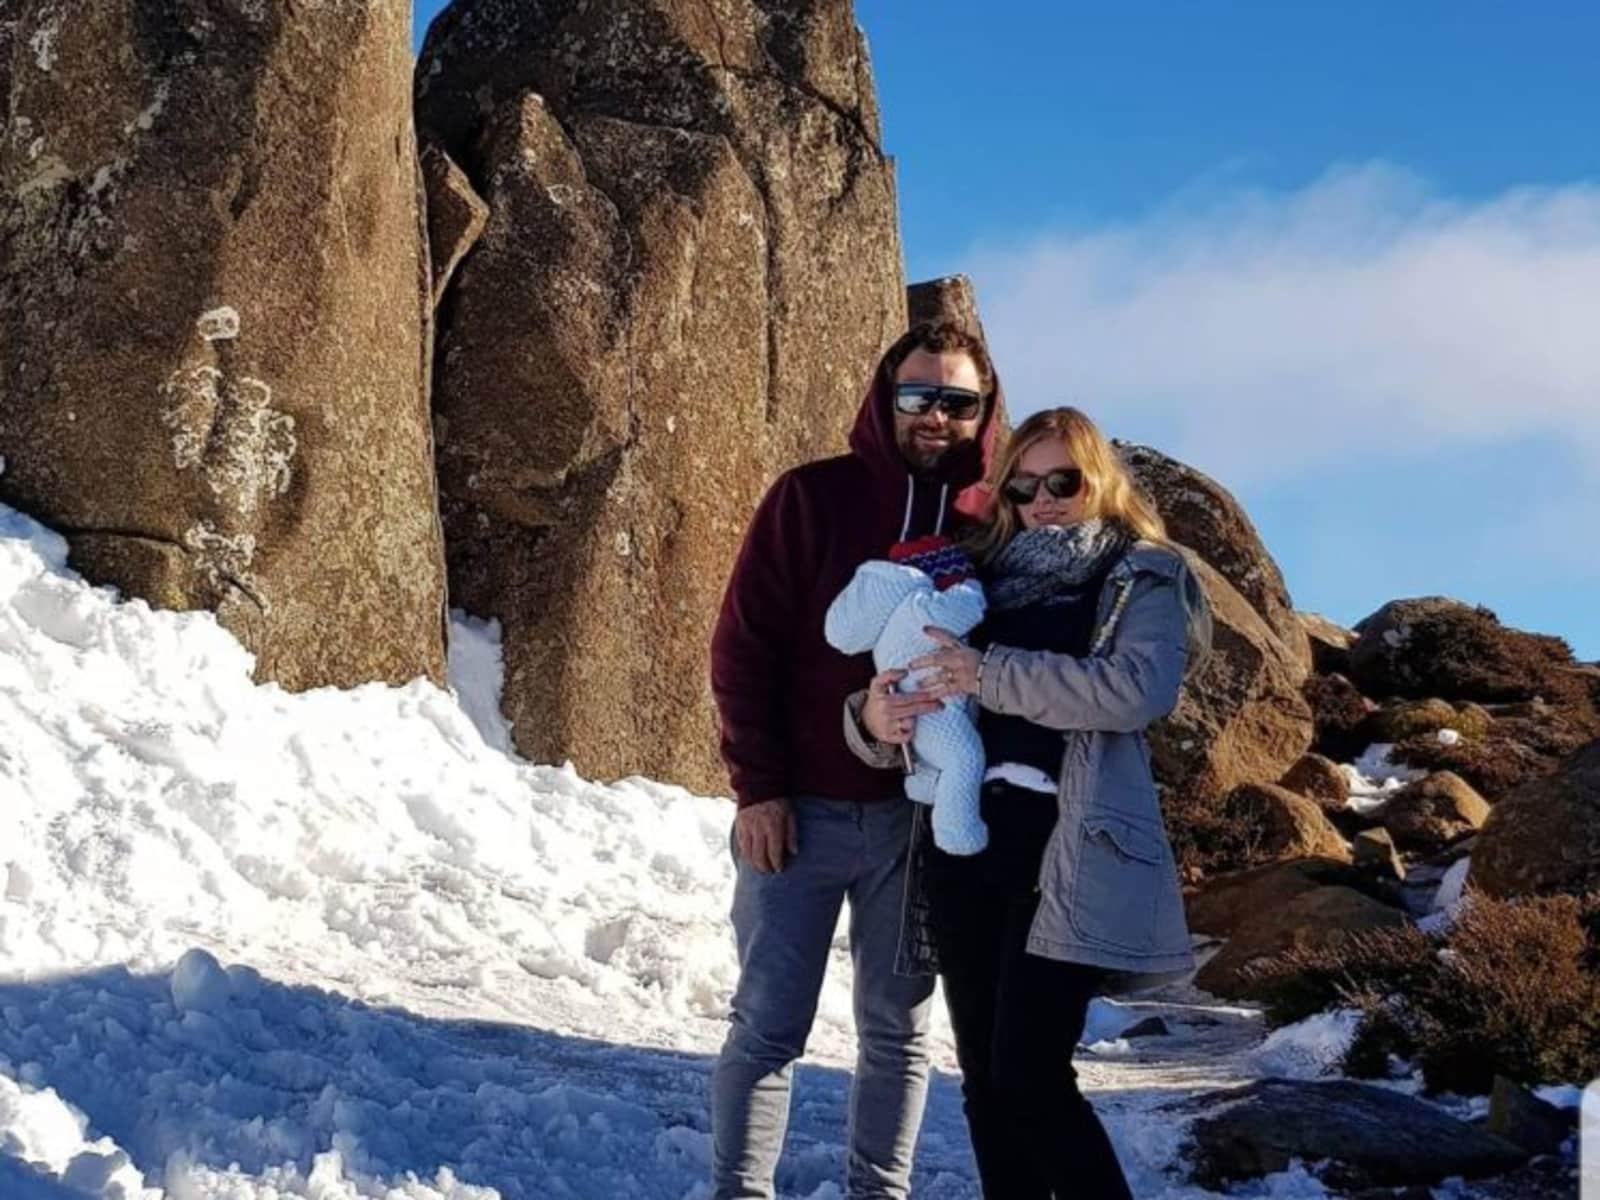 Brooke & Sam from Sandford, Tasmania, Australia